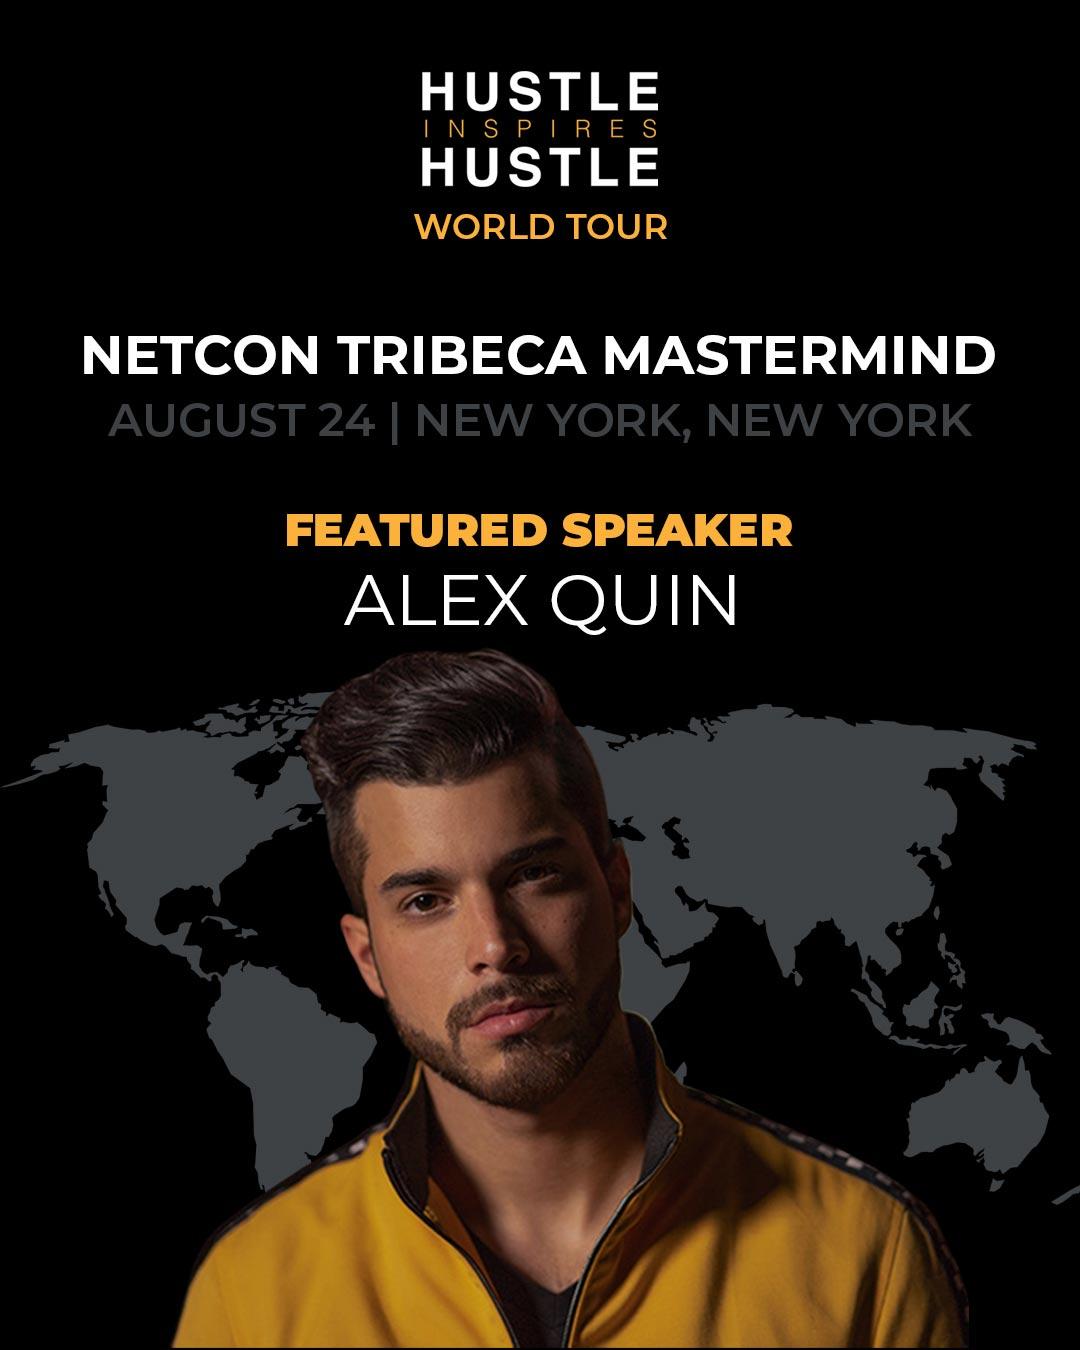 hustle inspires hustle-inspired by the hustle